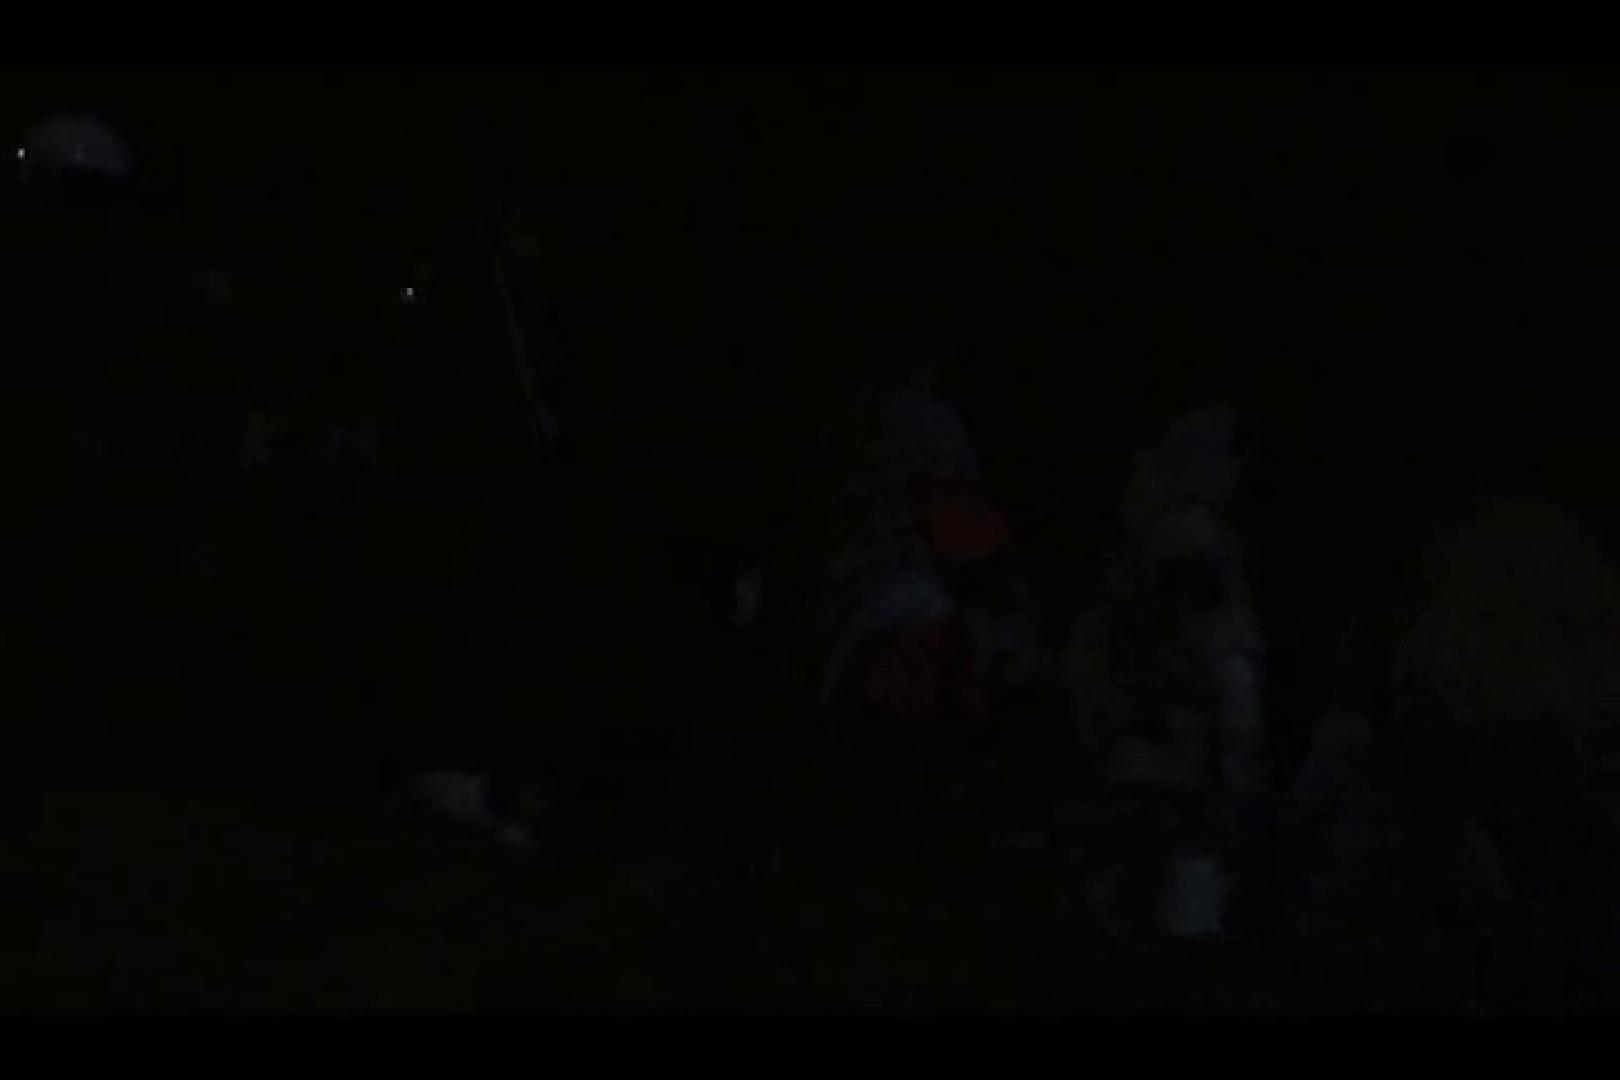 鳥羽の火祭り 3000K!高画質バージョンVOL.03 ドラマ ゲイ無料エロ画像 82連発 29